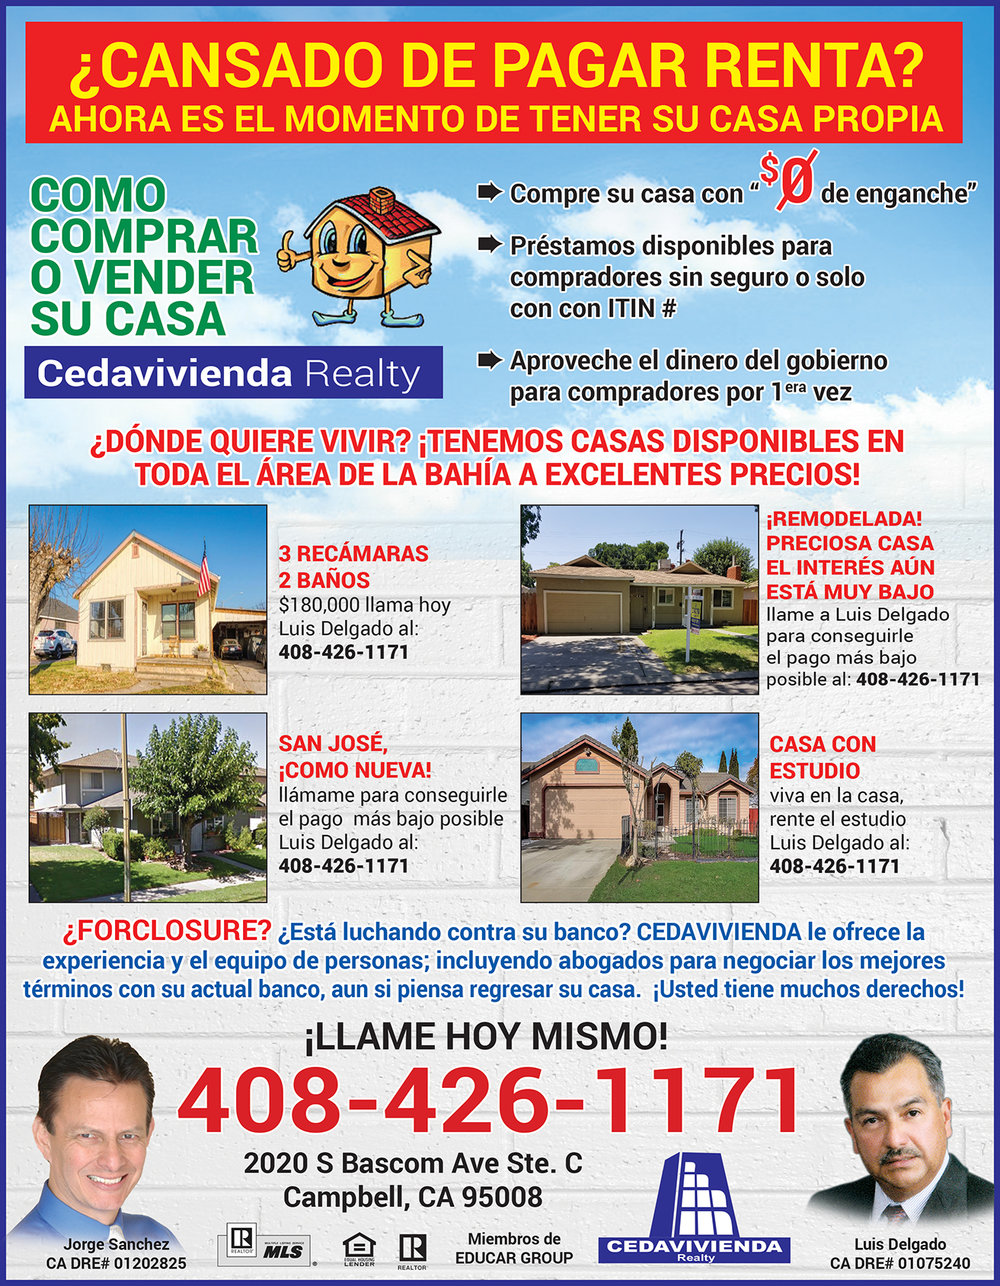 Cedavivienda Realty - 1 pag MARZO 2019 - 2 fotos - Updated.jpg